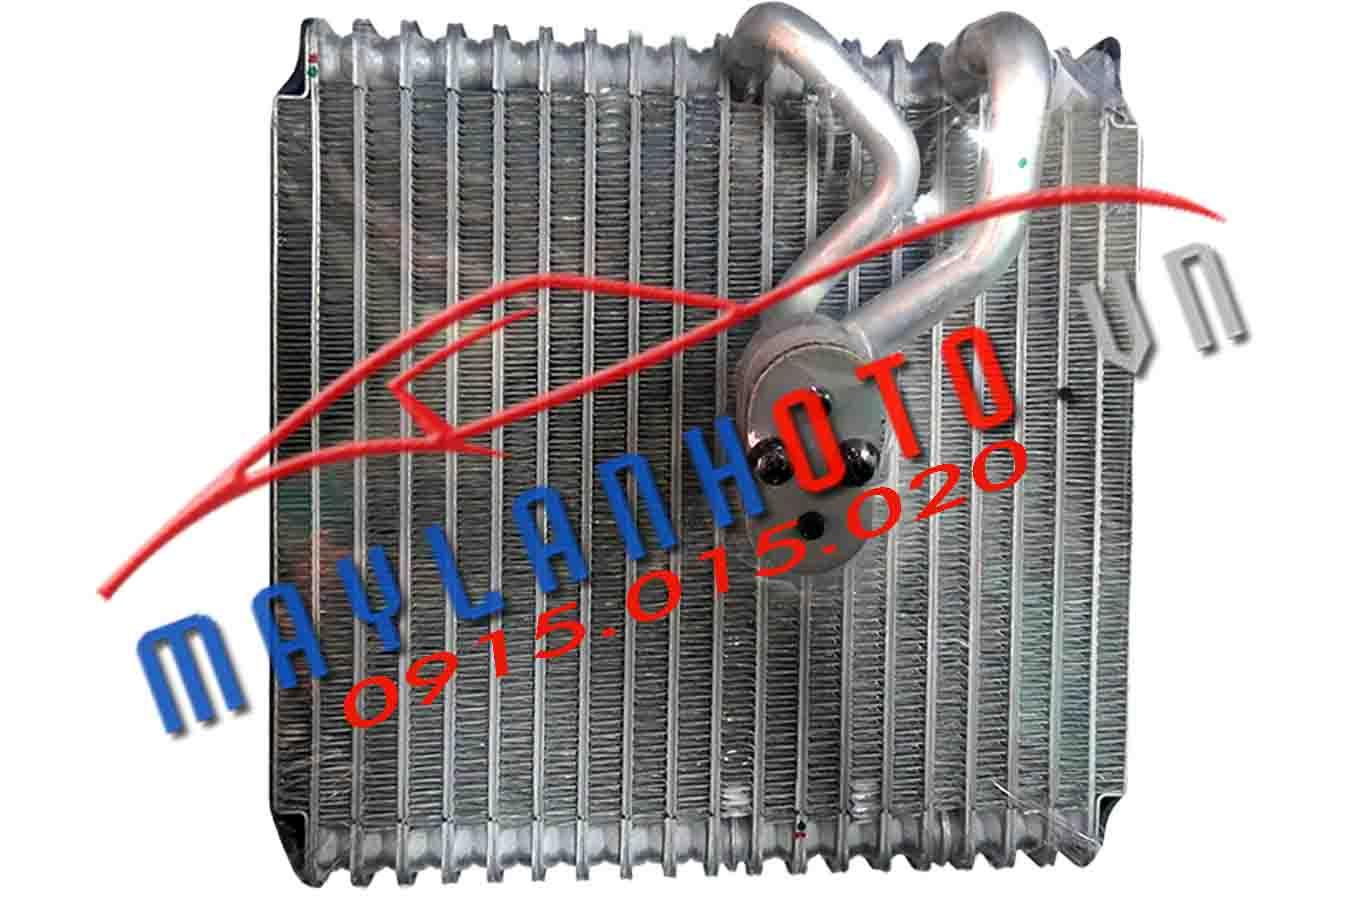 Chevrolet Cruze / Dàn lạnh Chevrolet Cruze / Giàn lạnh Chevrolet Cruze